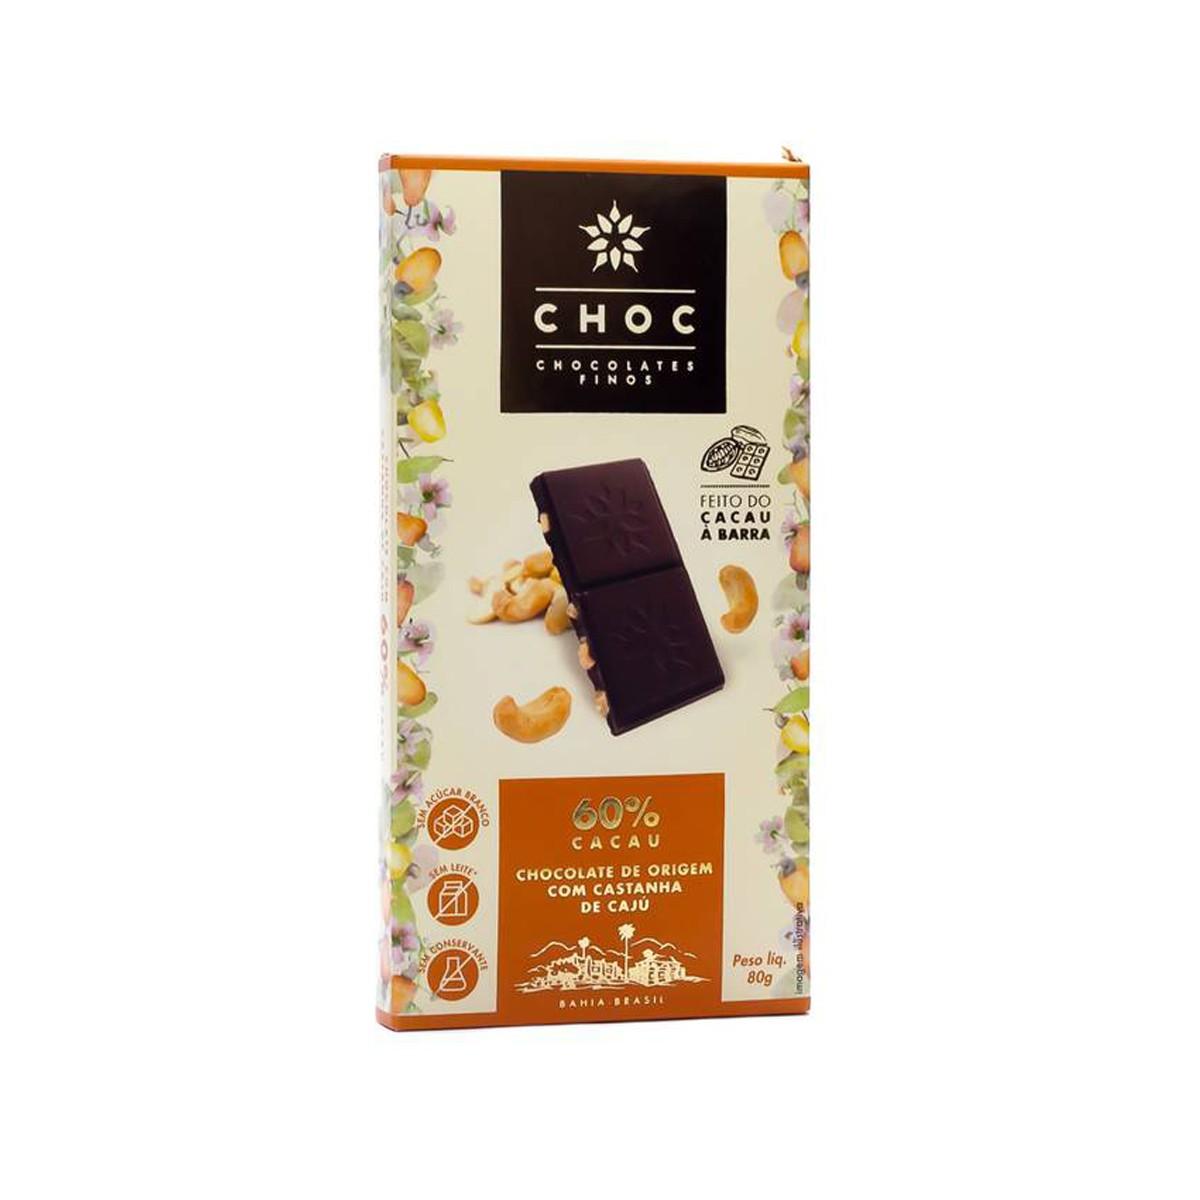 Chocolate com Castanha de Caju 60% Cacau 80g - Choc